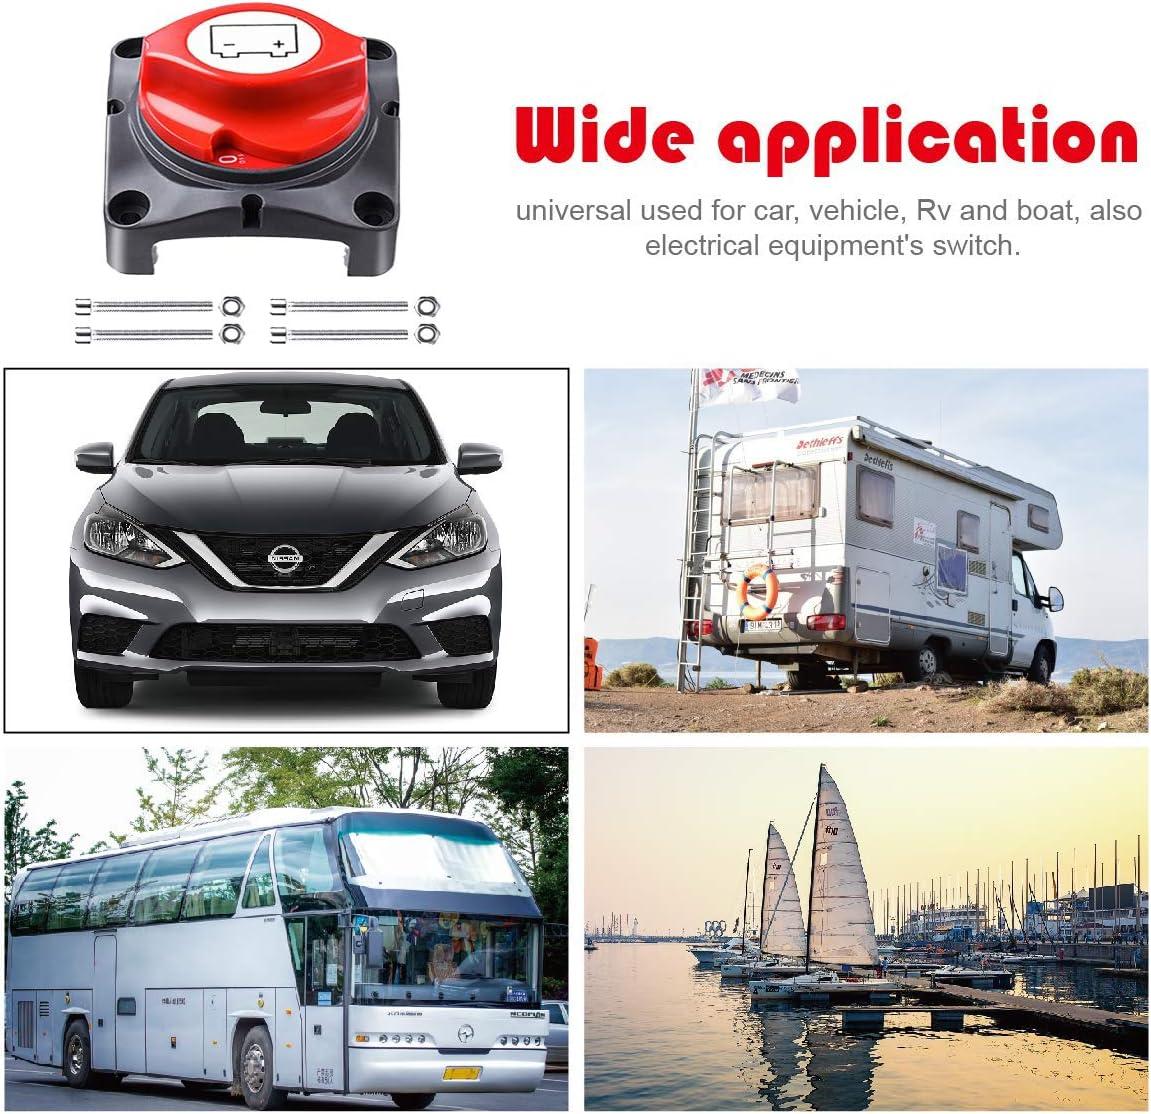 Power Master Trennschalter f/ür Boot kleine Yacht Wohnmobil NStart 12-48 V Batterie-Trennschalter Batterieschalter Cut//Shut Off Batterieschalter UTV ATV Auto Wohnmobil